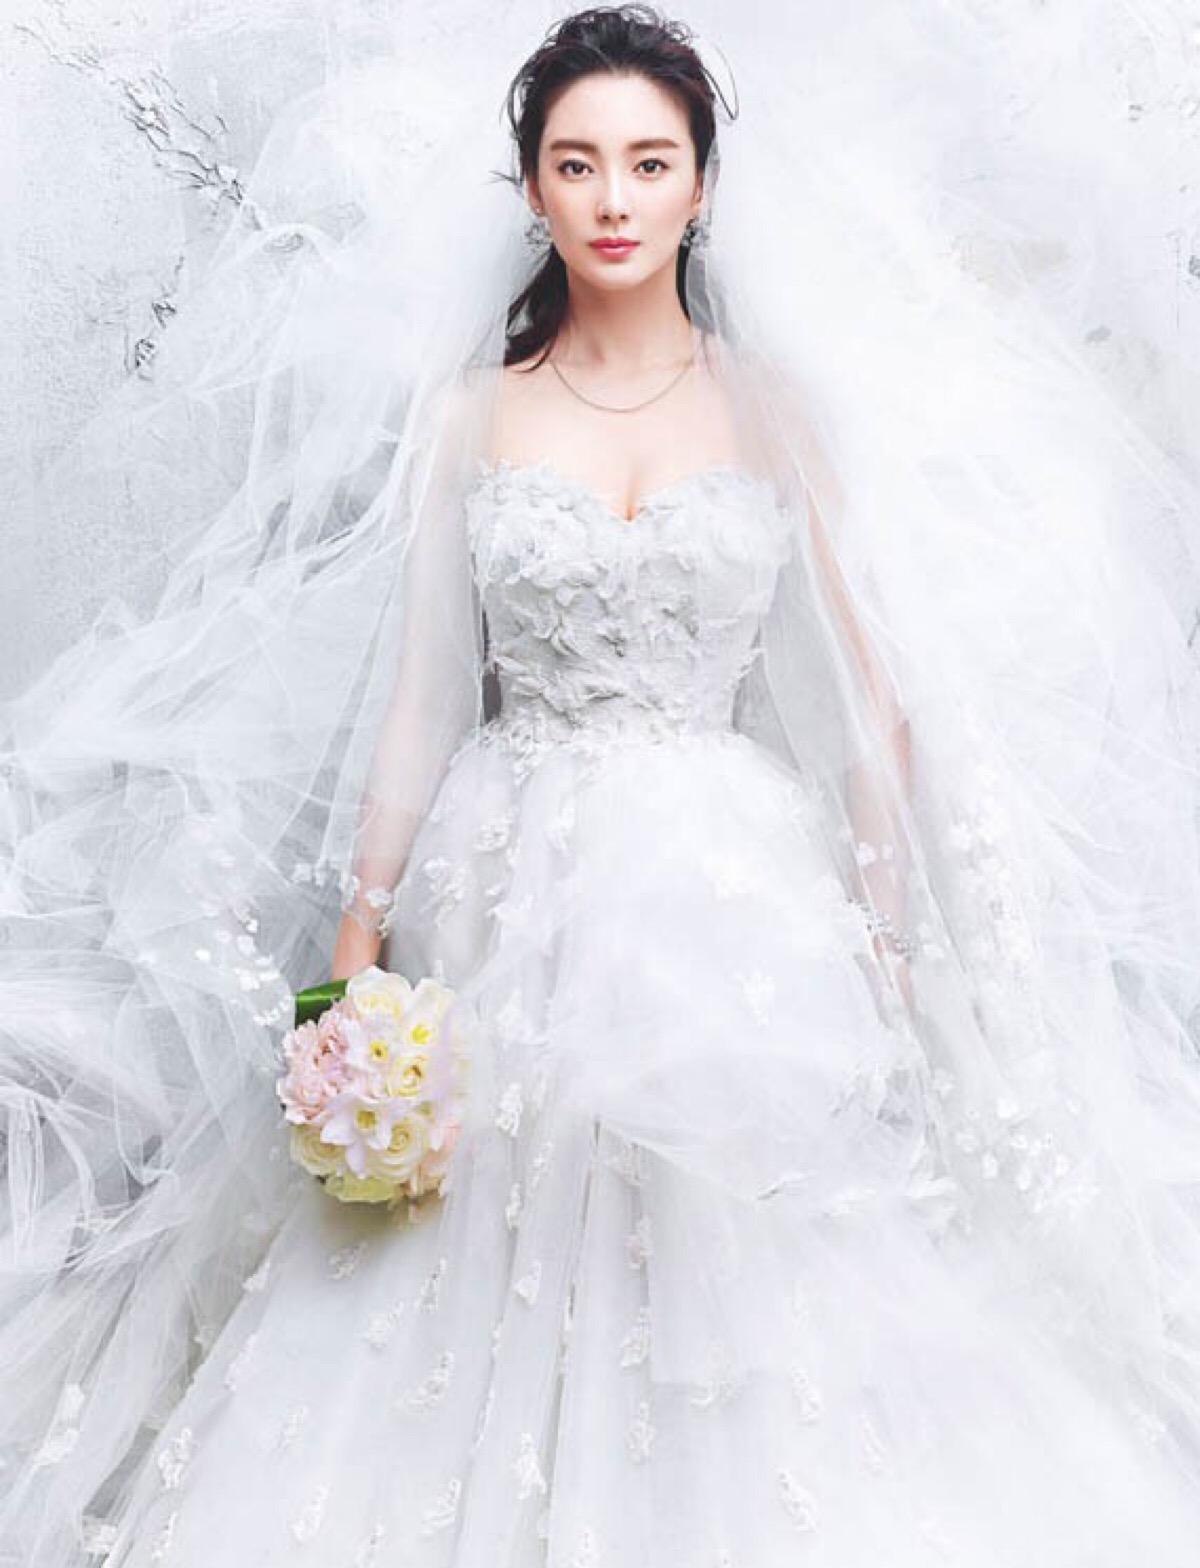 爱对人每天都是情人节 张雨绮婚纱造型美翻了图片